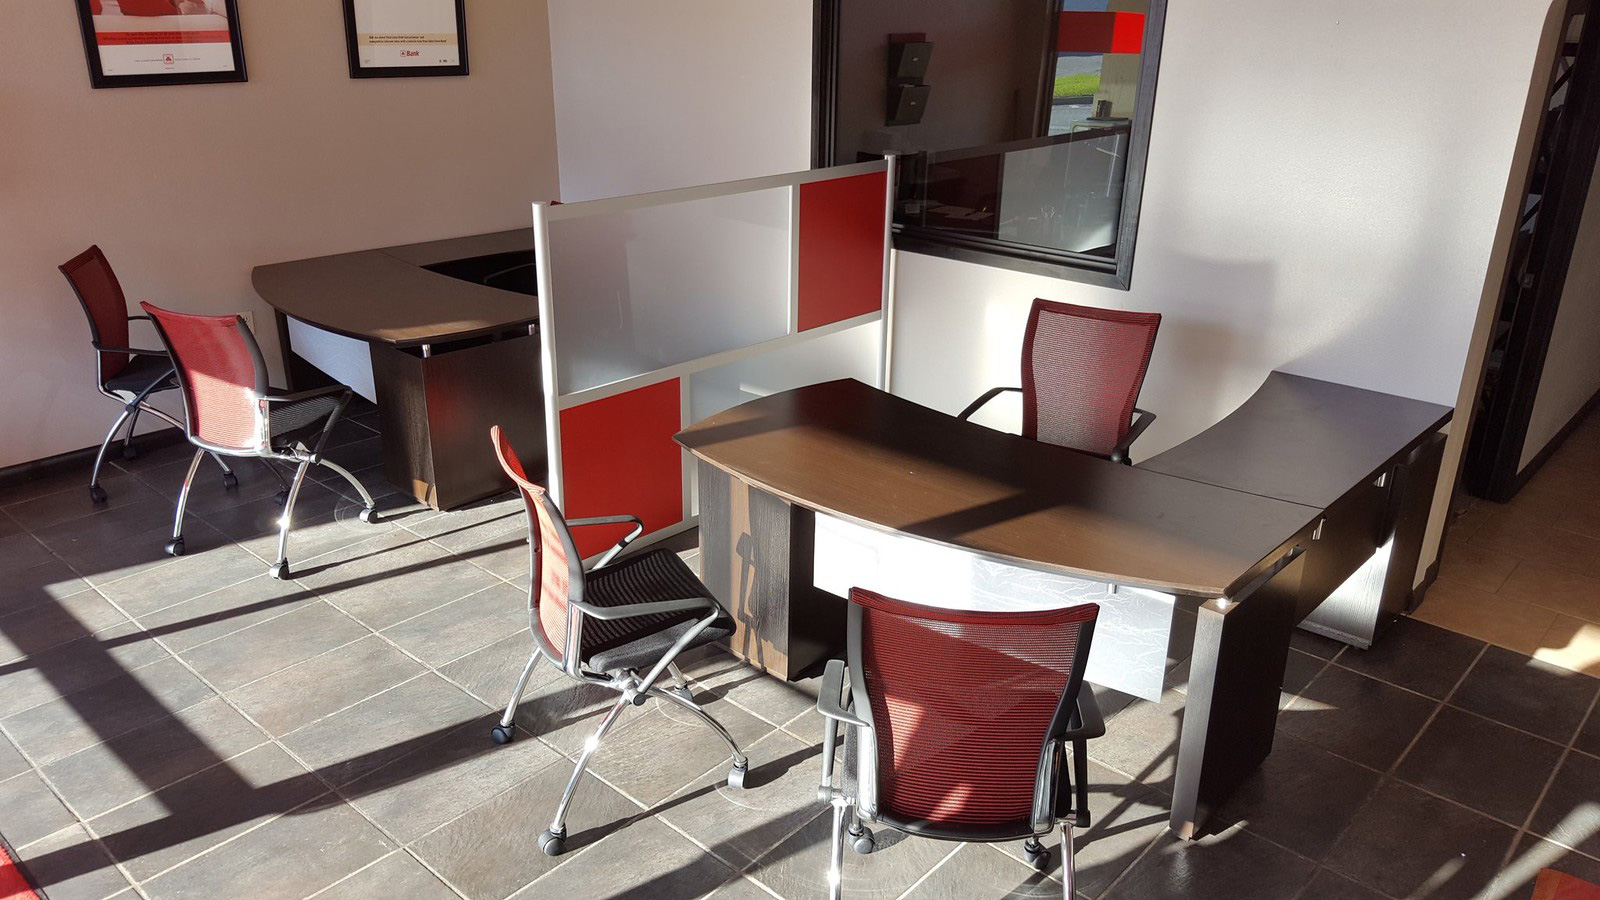 furniture-cubicles-in-altamonte-springs-florida.jpg